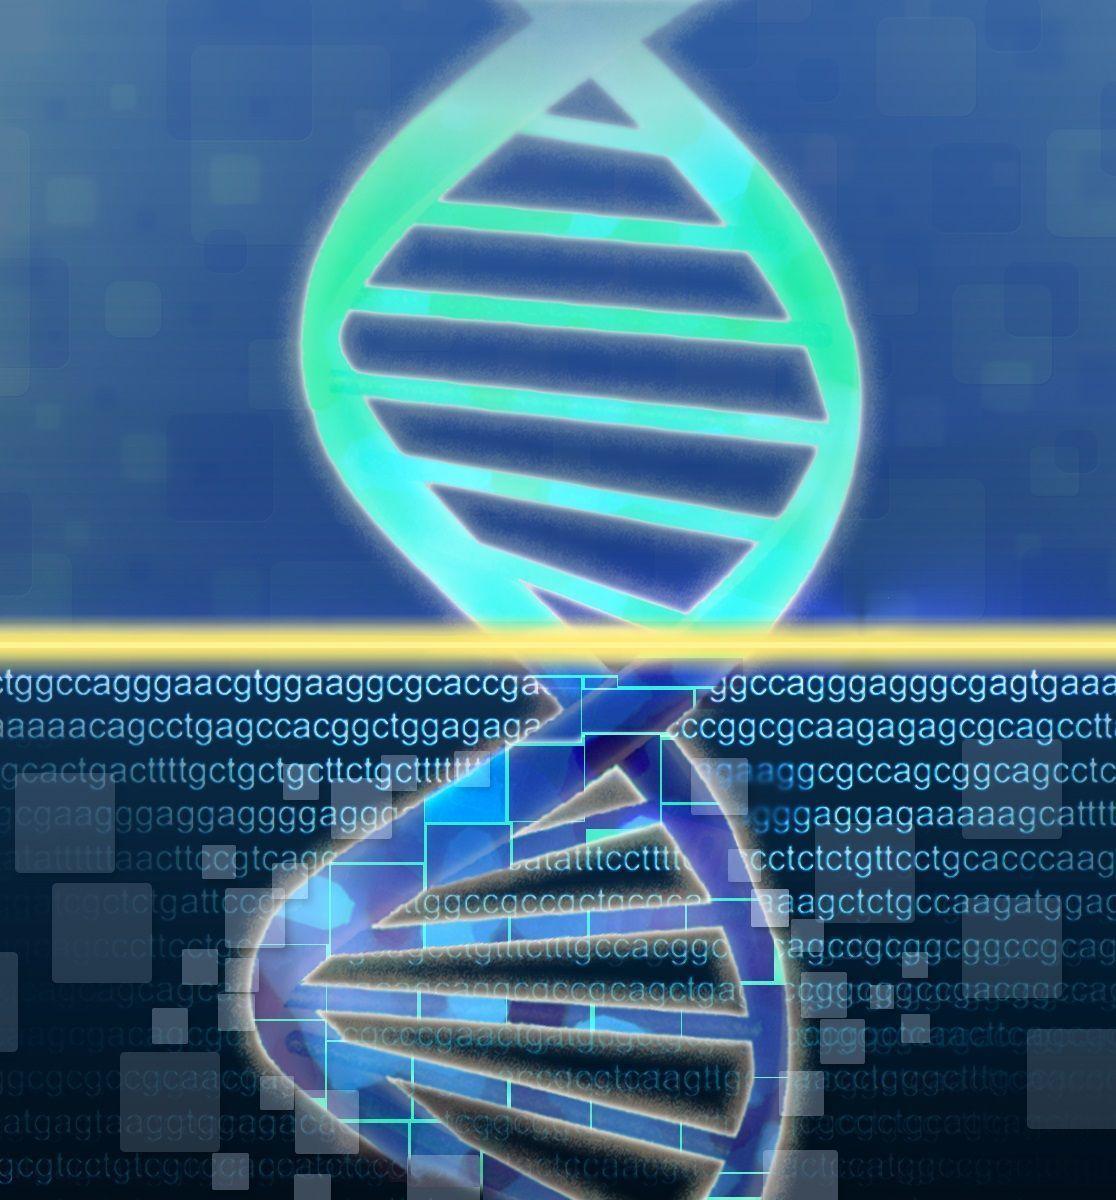 Los investigadores sugieren que en el futuro los análisis bioinformáticos con datos genómicos globales deberían ajustarse según la pureza tumoral. Imagen: Jonathan Bailey (National Human Genome Research Institute, http://www.genome.gov).